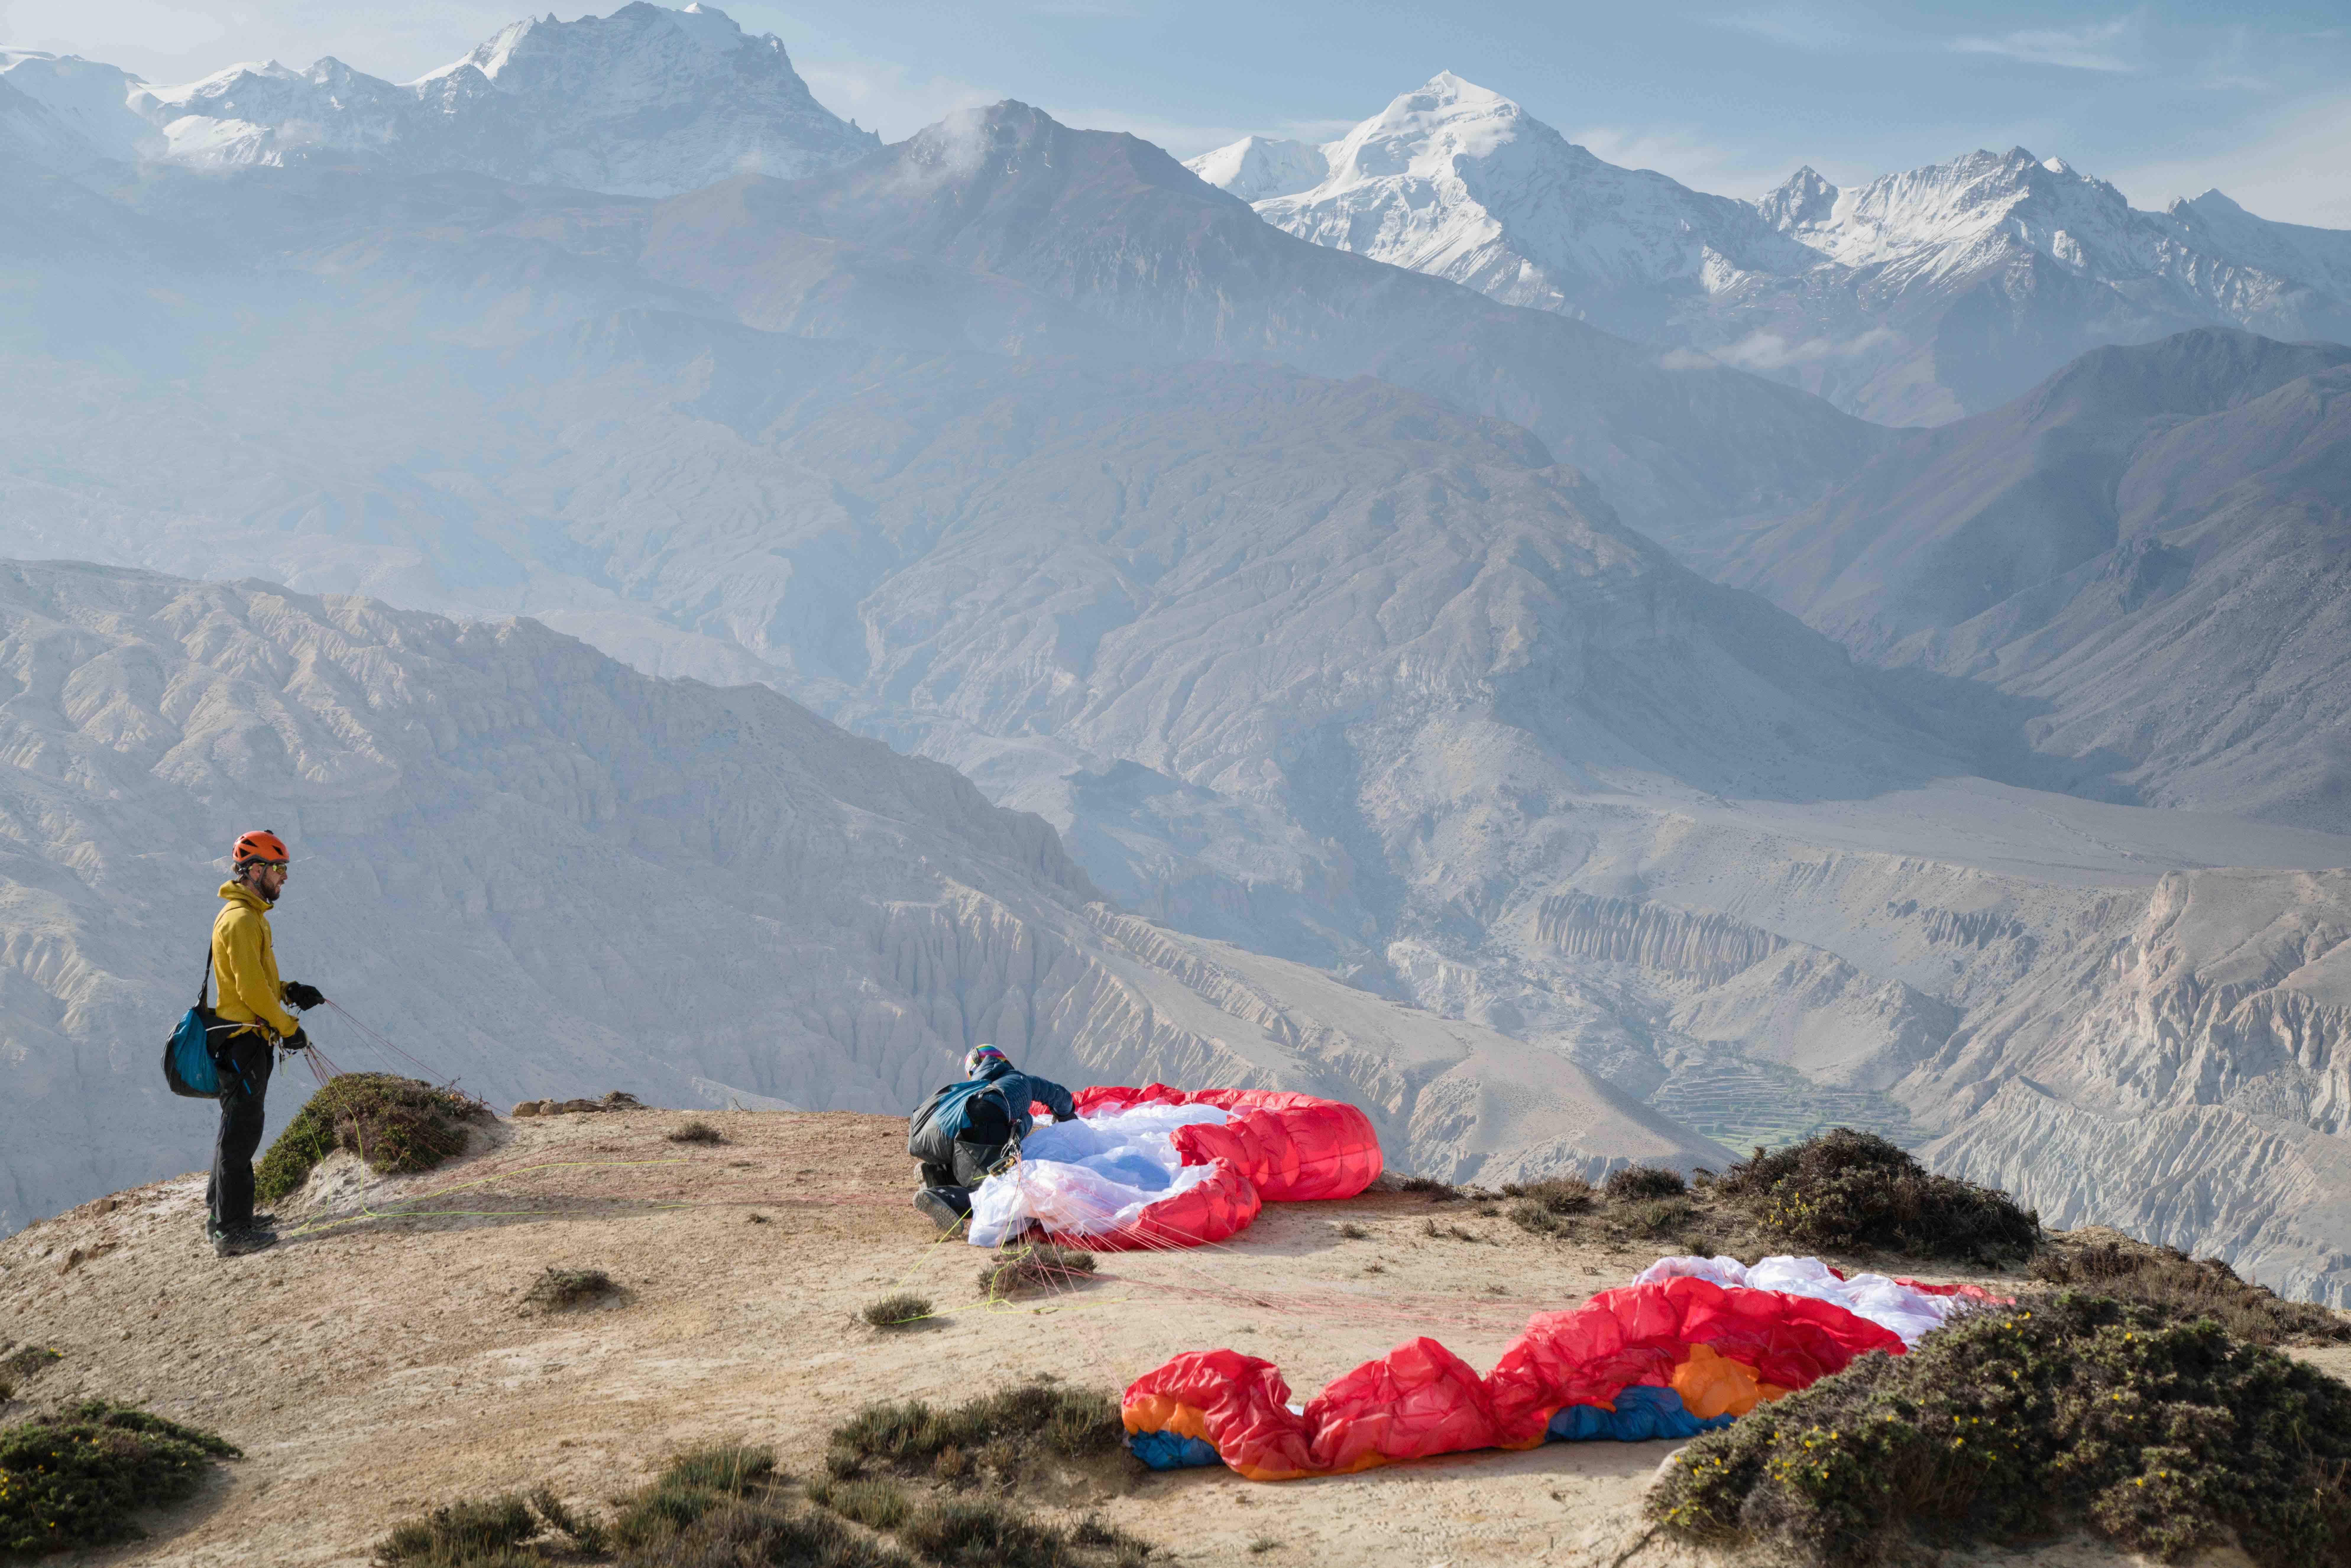 mustang-nepal-himalaya-expedition-04770